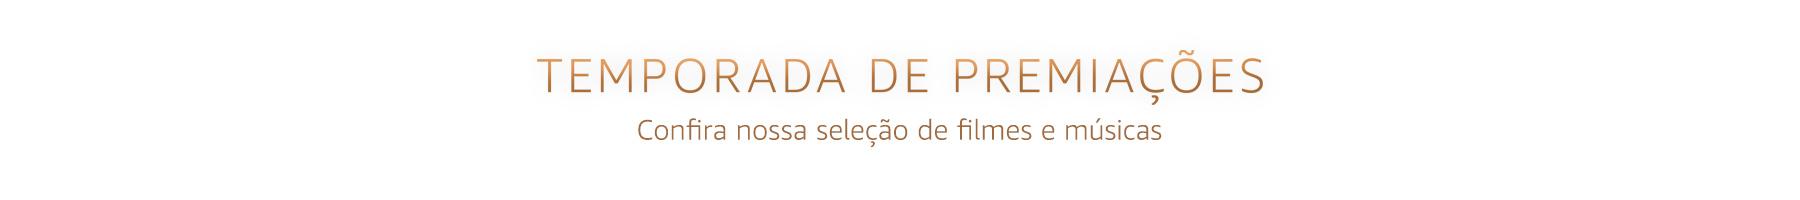 Temporada de Premiações: Confira nossa seleção de filmes e músicas